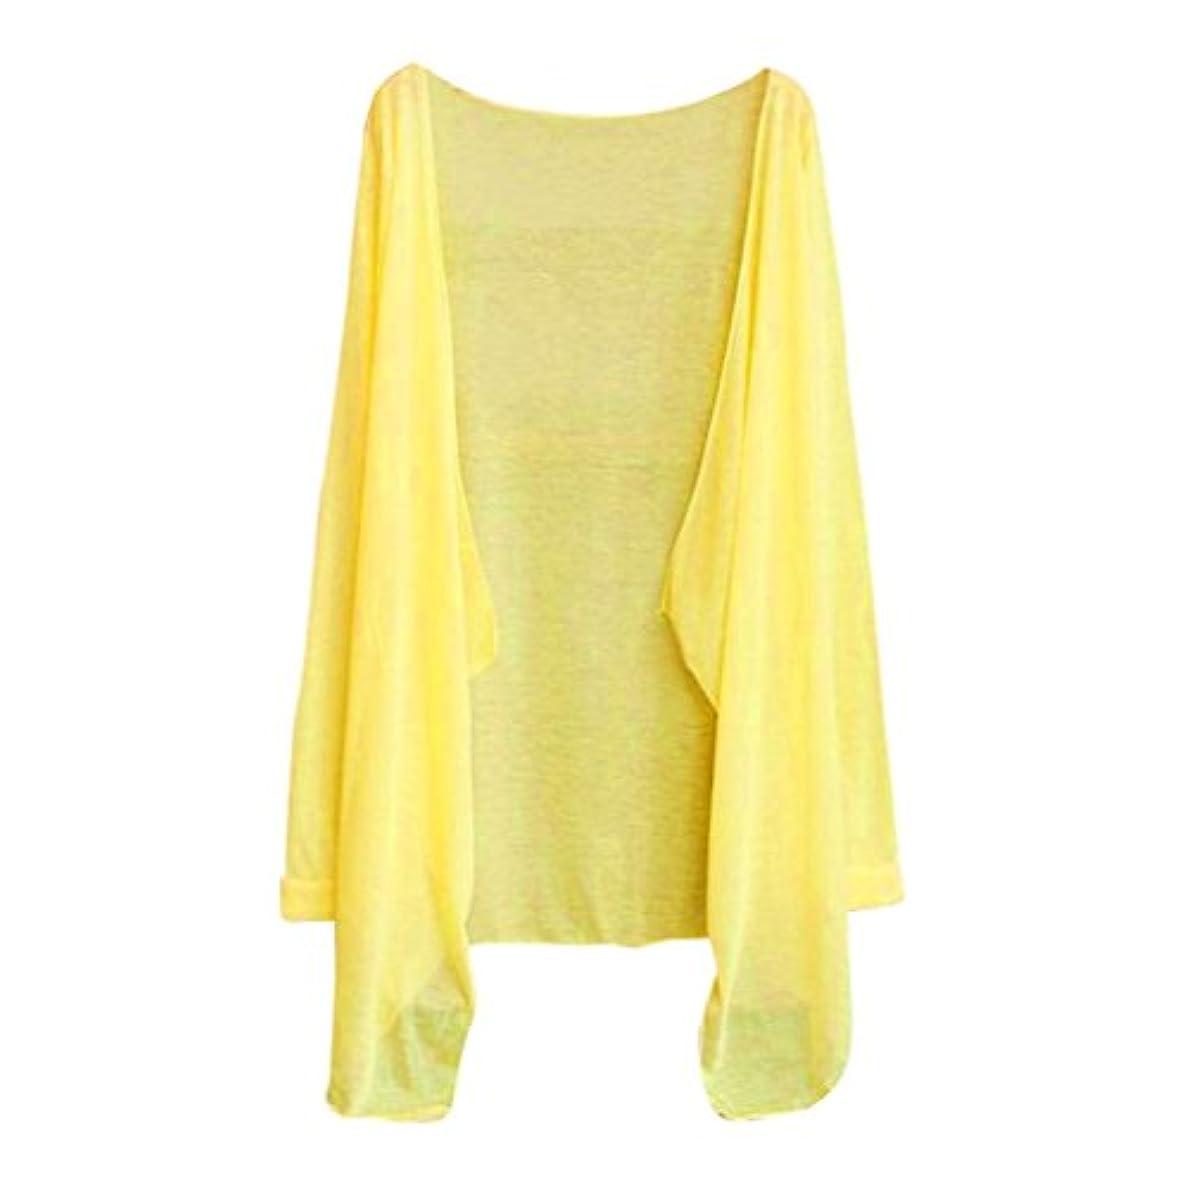 小麦粉エコー薬SakuraBest 長いセクションの太陽保護シャツショールショールの小さなコートで薄い日保護服女性の透明な長袖の空調カーディガン